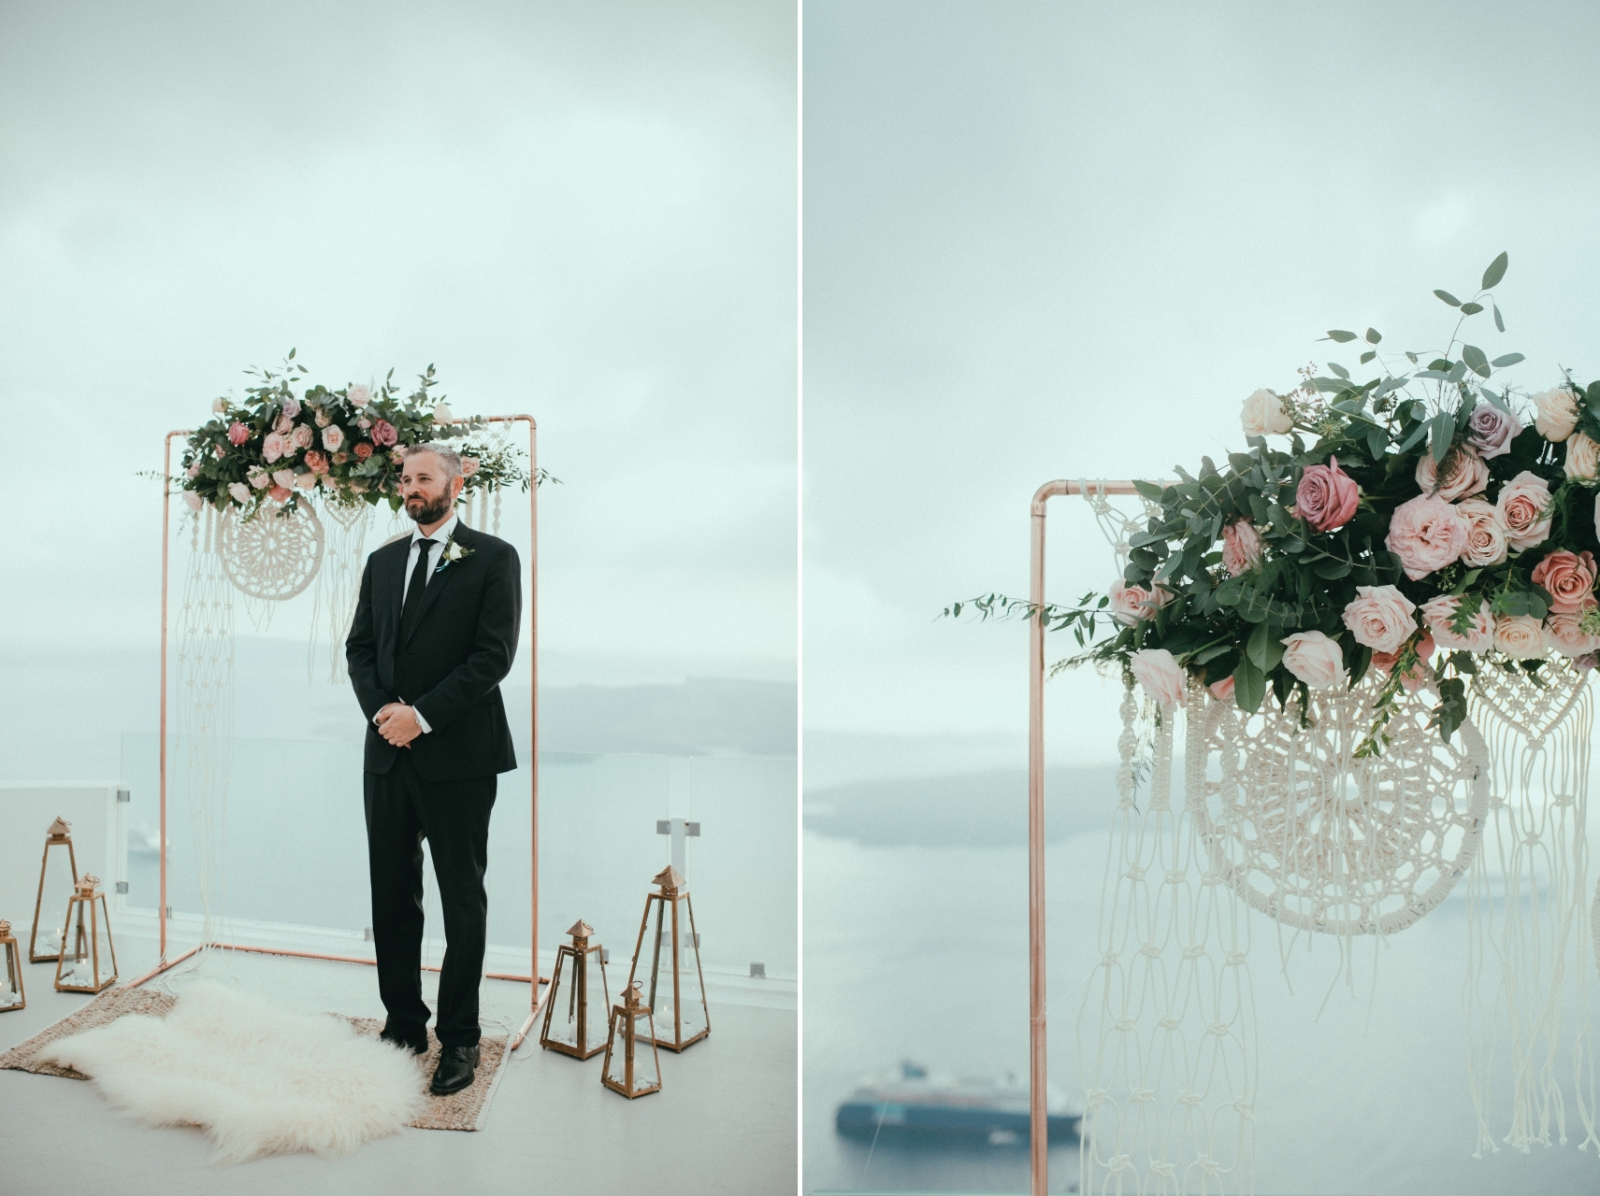 santorini-wedding-photographer48.jpg